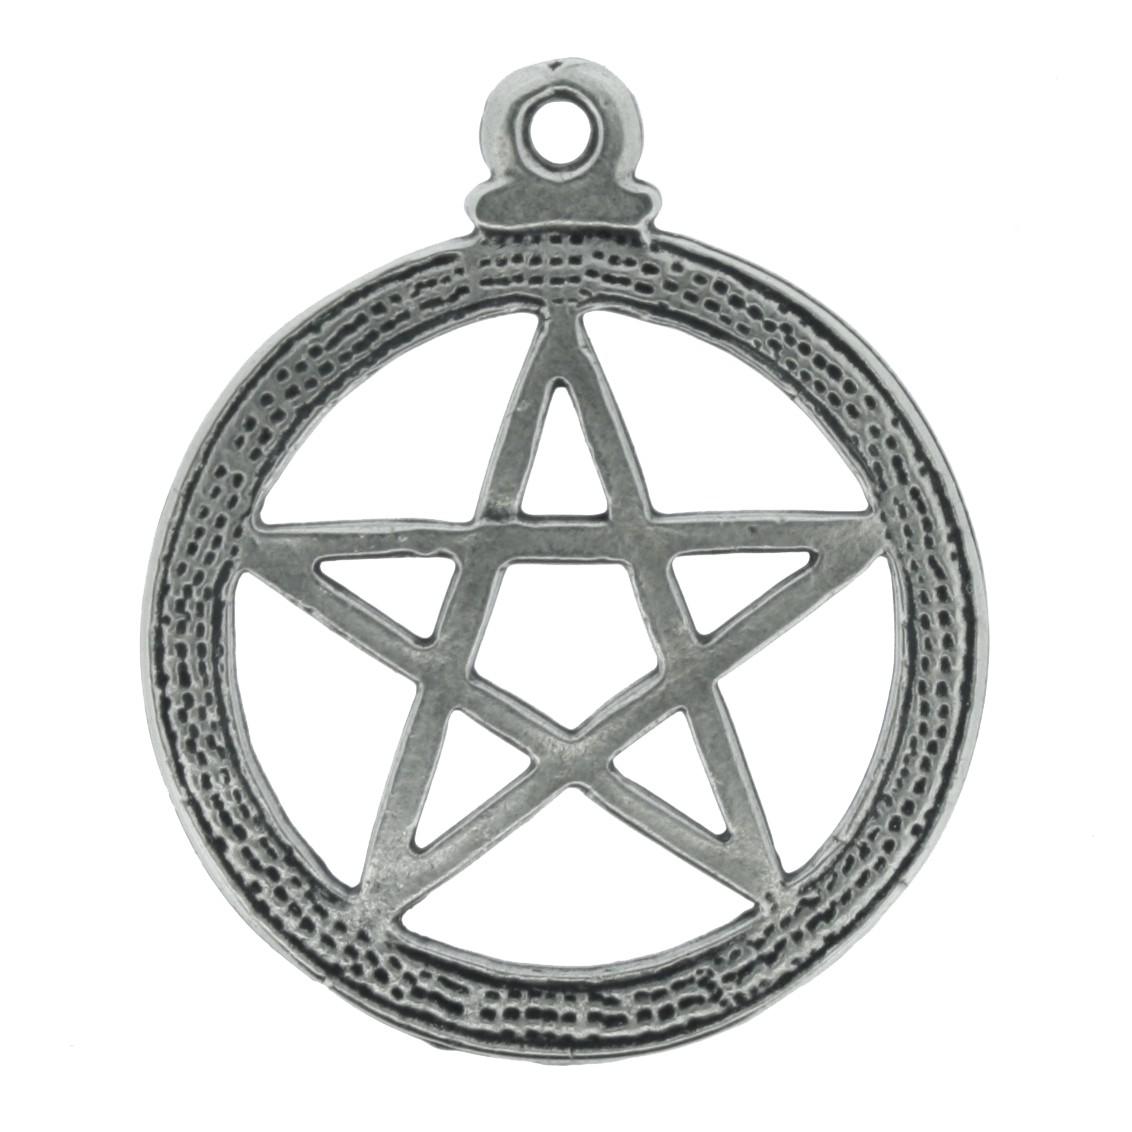 Pentagrama - Níquel Velho - 33mm  - Universo Religioso® - Artigos de Umbanda e Candomblé